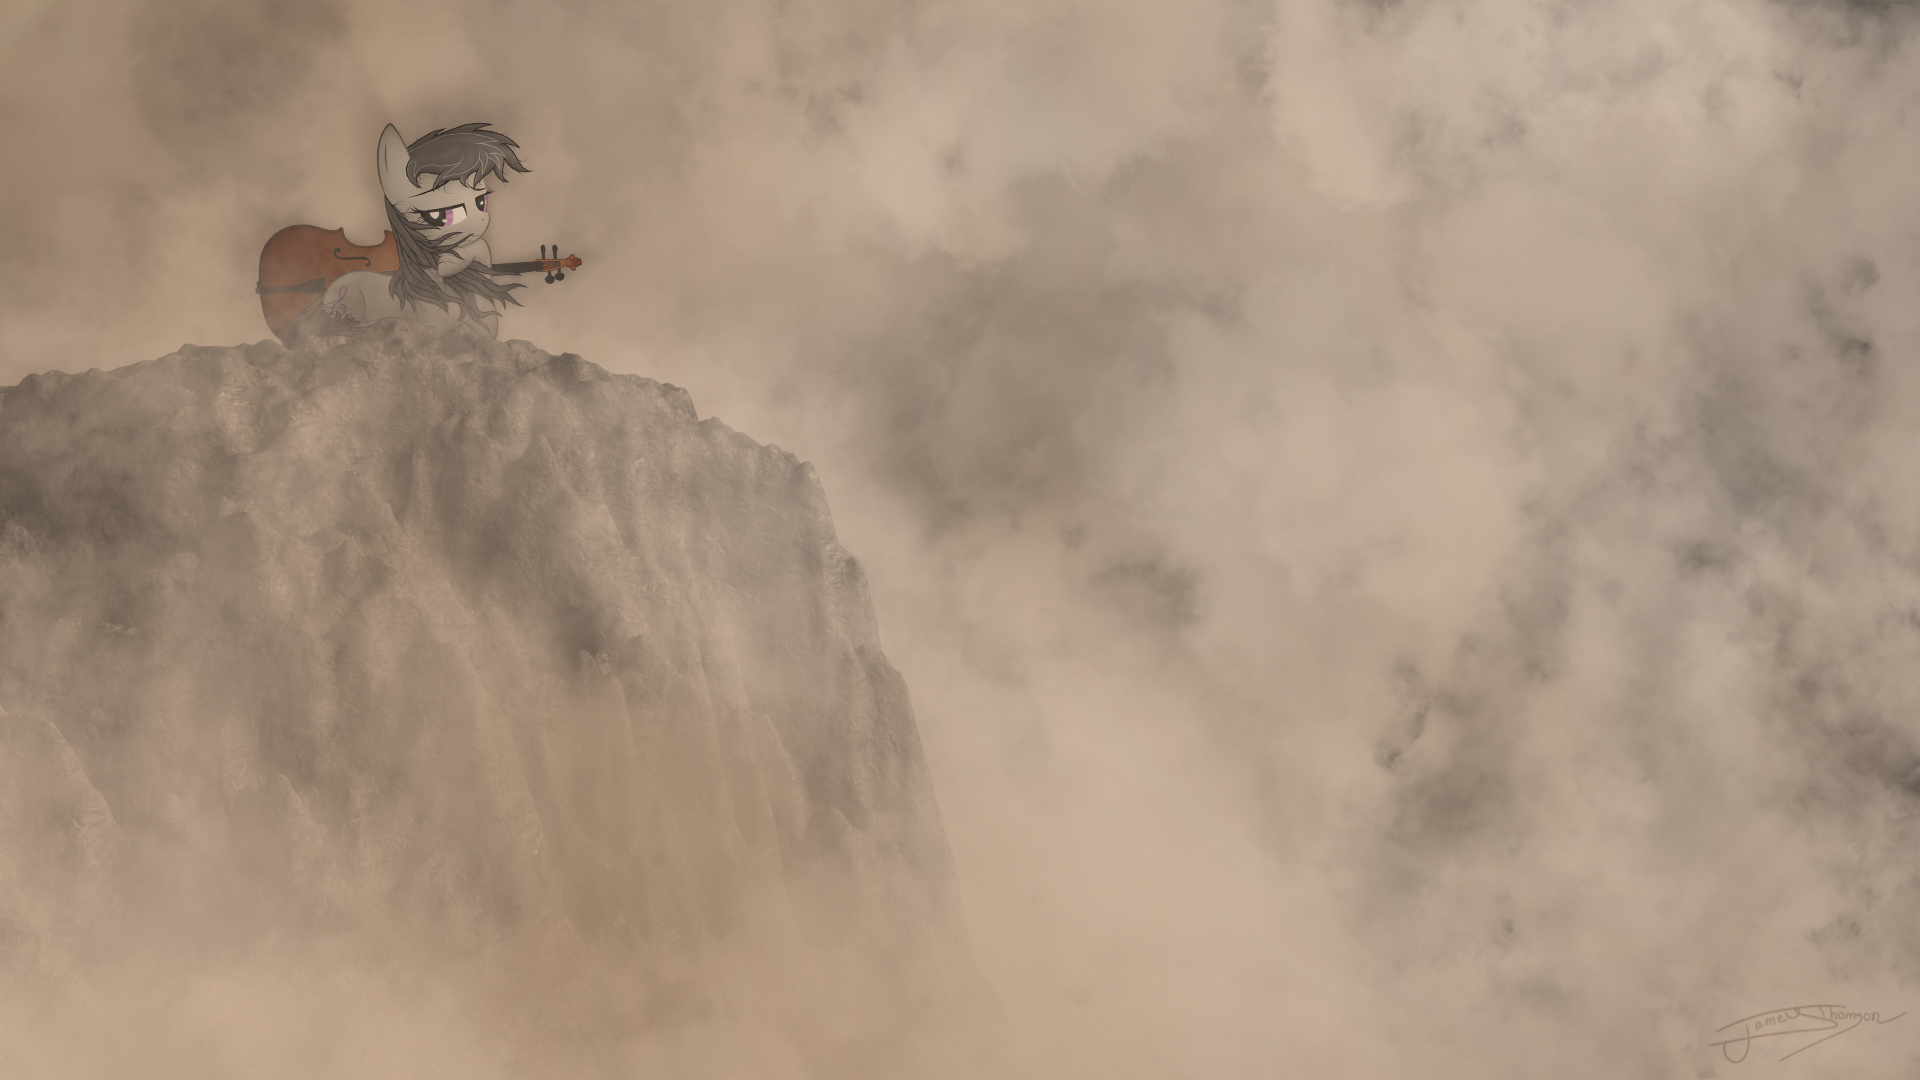 Symphonic Sandstorm by Jamey4